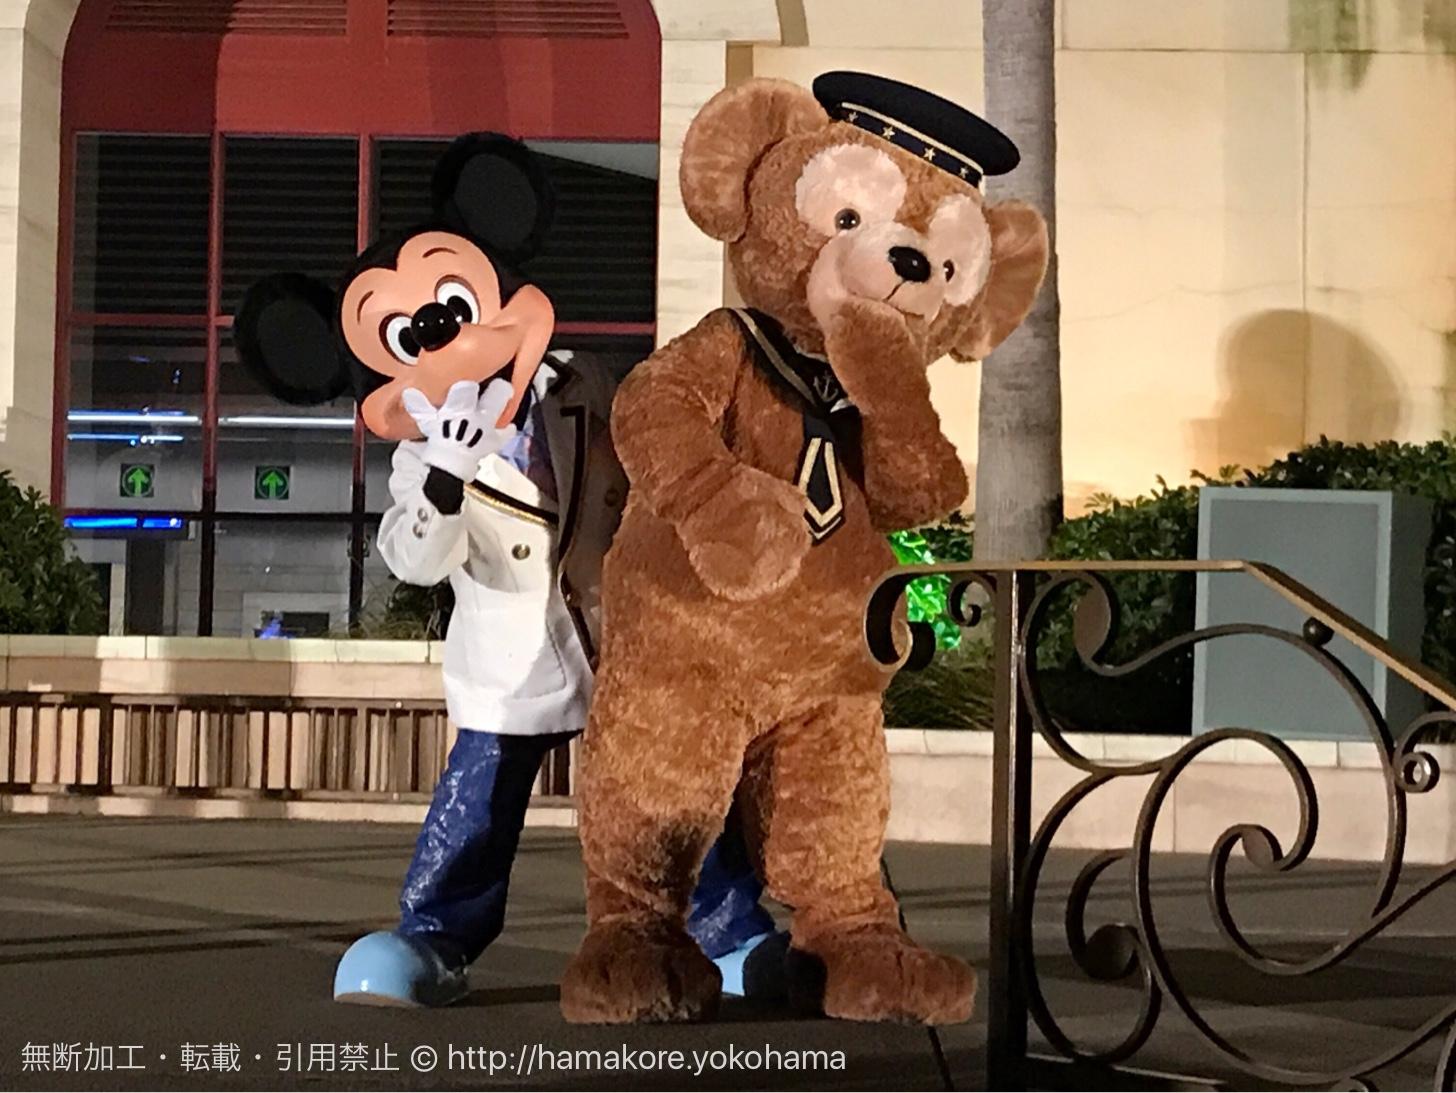 横浜からディズニーシーやランドに車で行く方法・おすすめルート